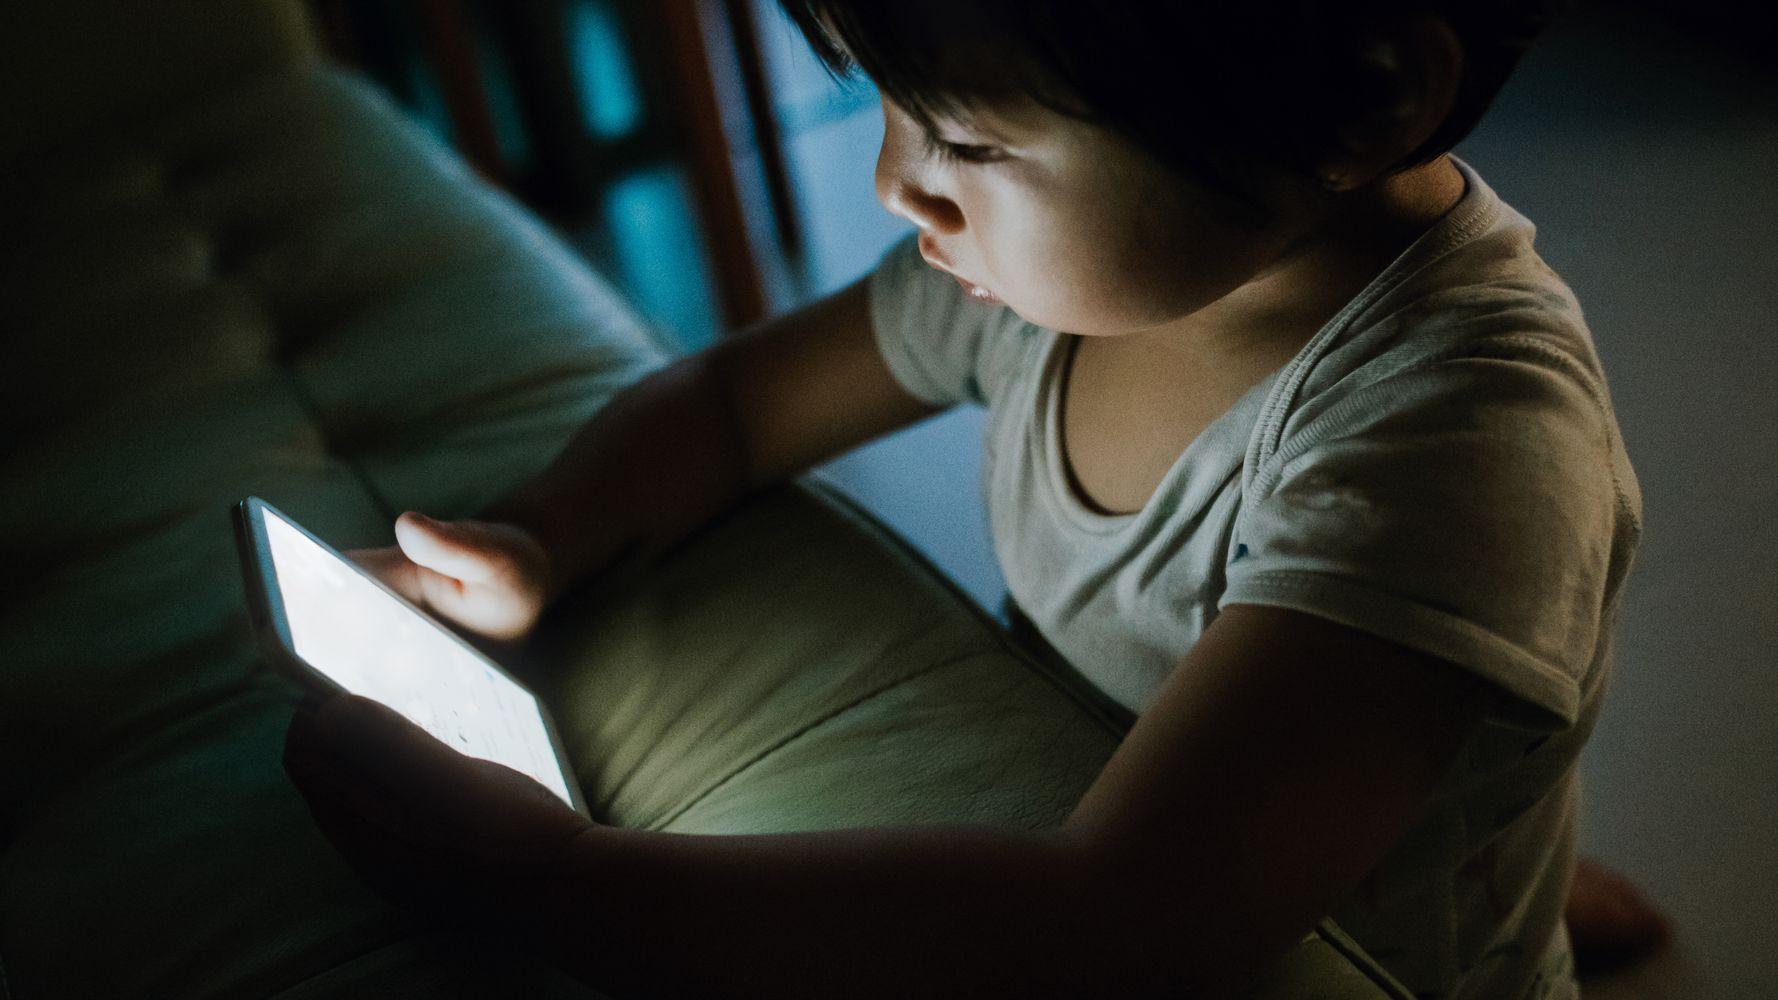 Ce que dit la science des effets du smartphone sur les enfants